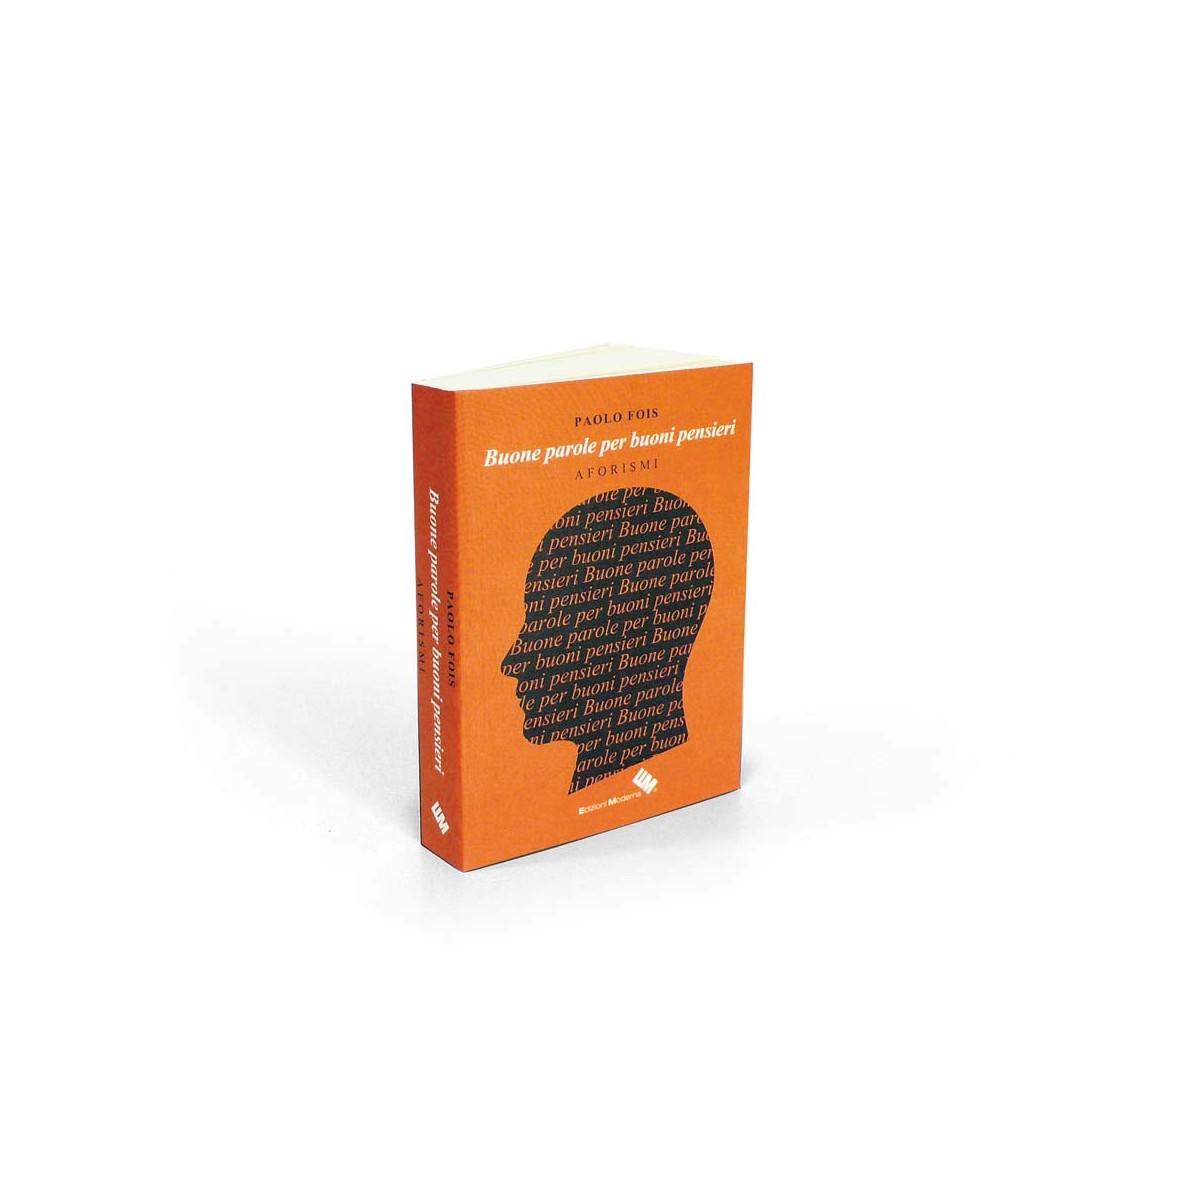 Libro esaurito. Sarà cura di Edizioni Moderna comunicare ai lettori se prevista la ristampa